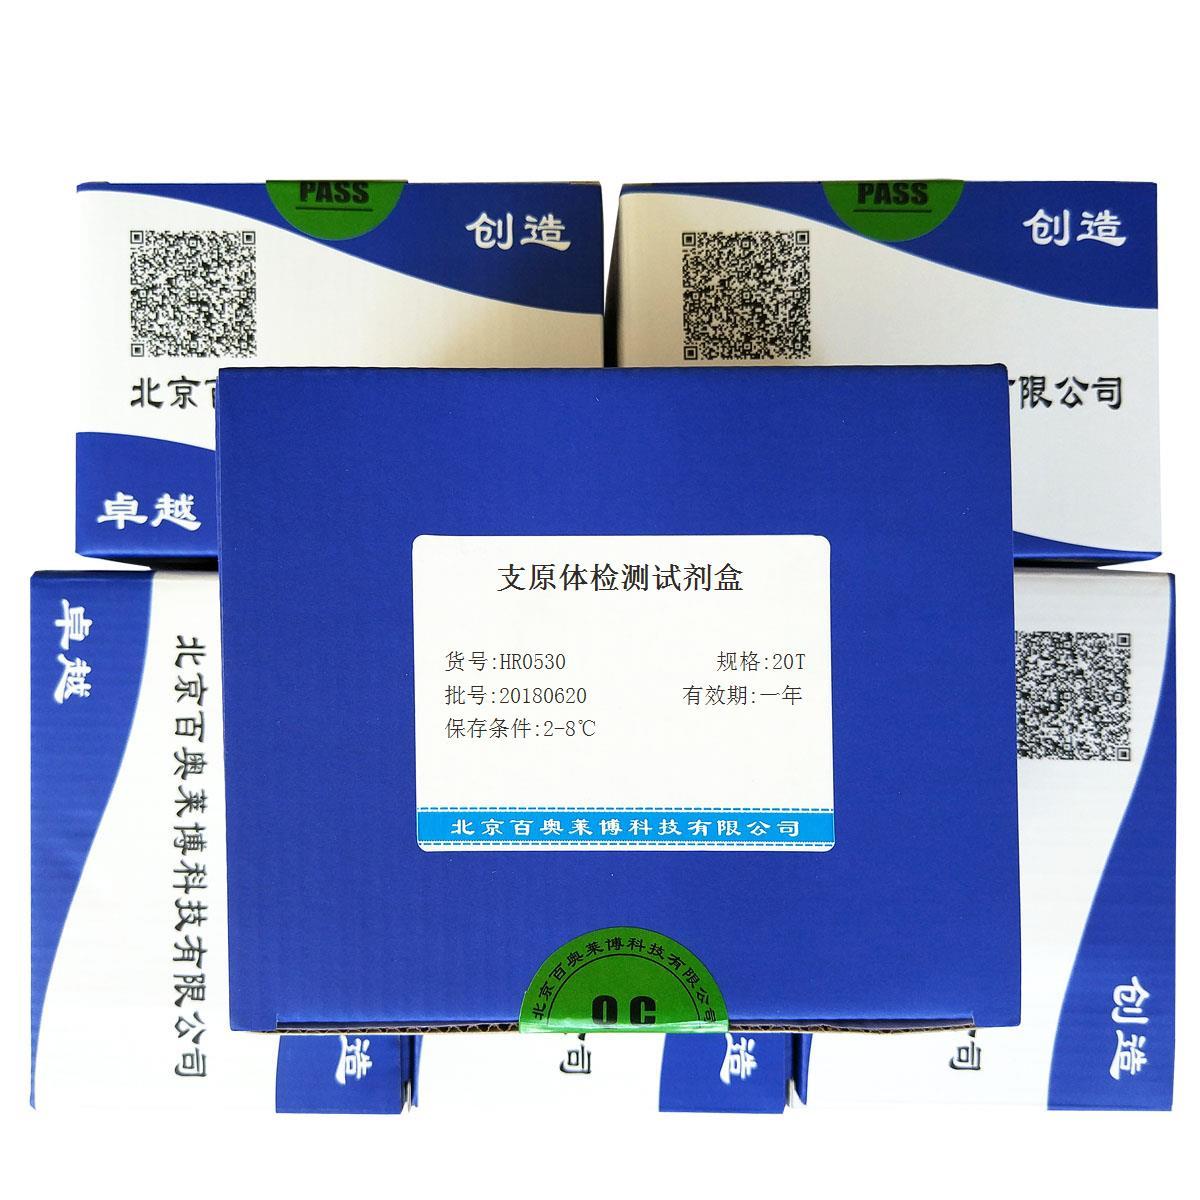 北京现货支原体检测试剂盒哪里买